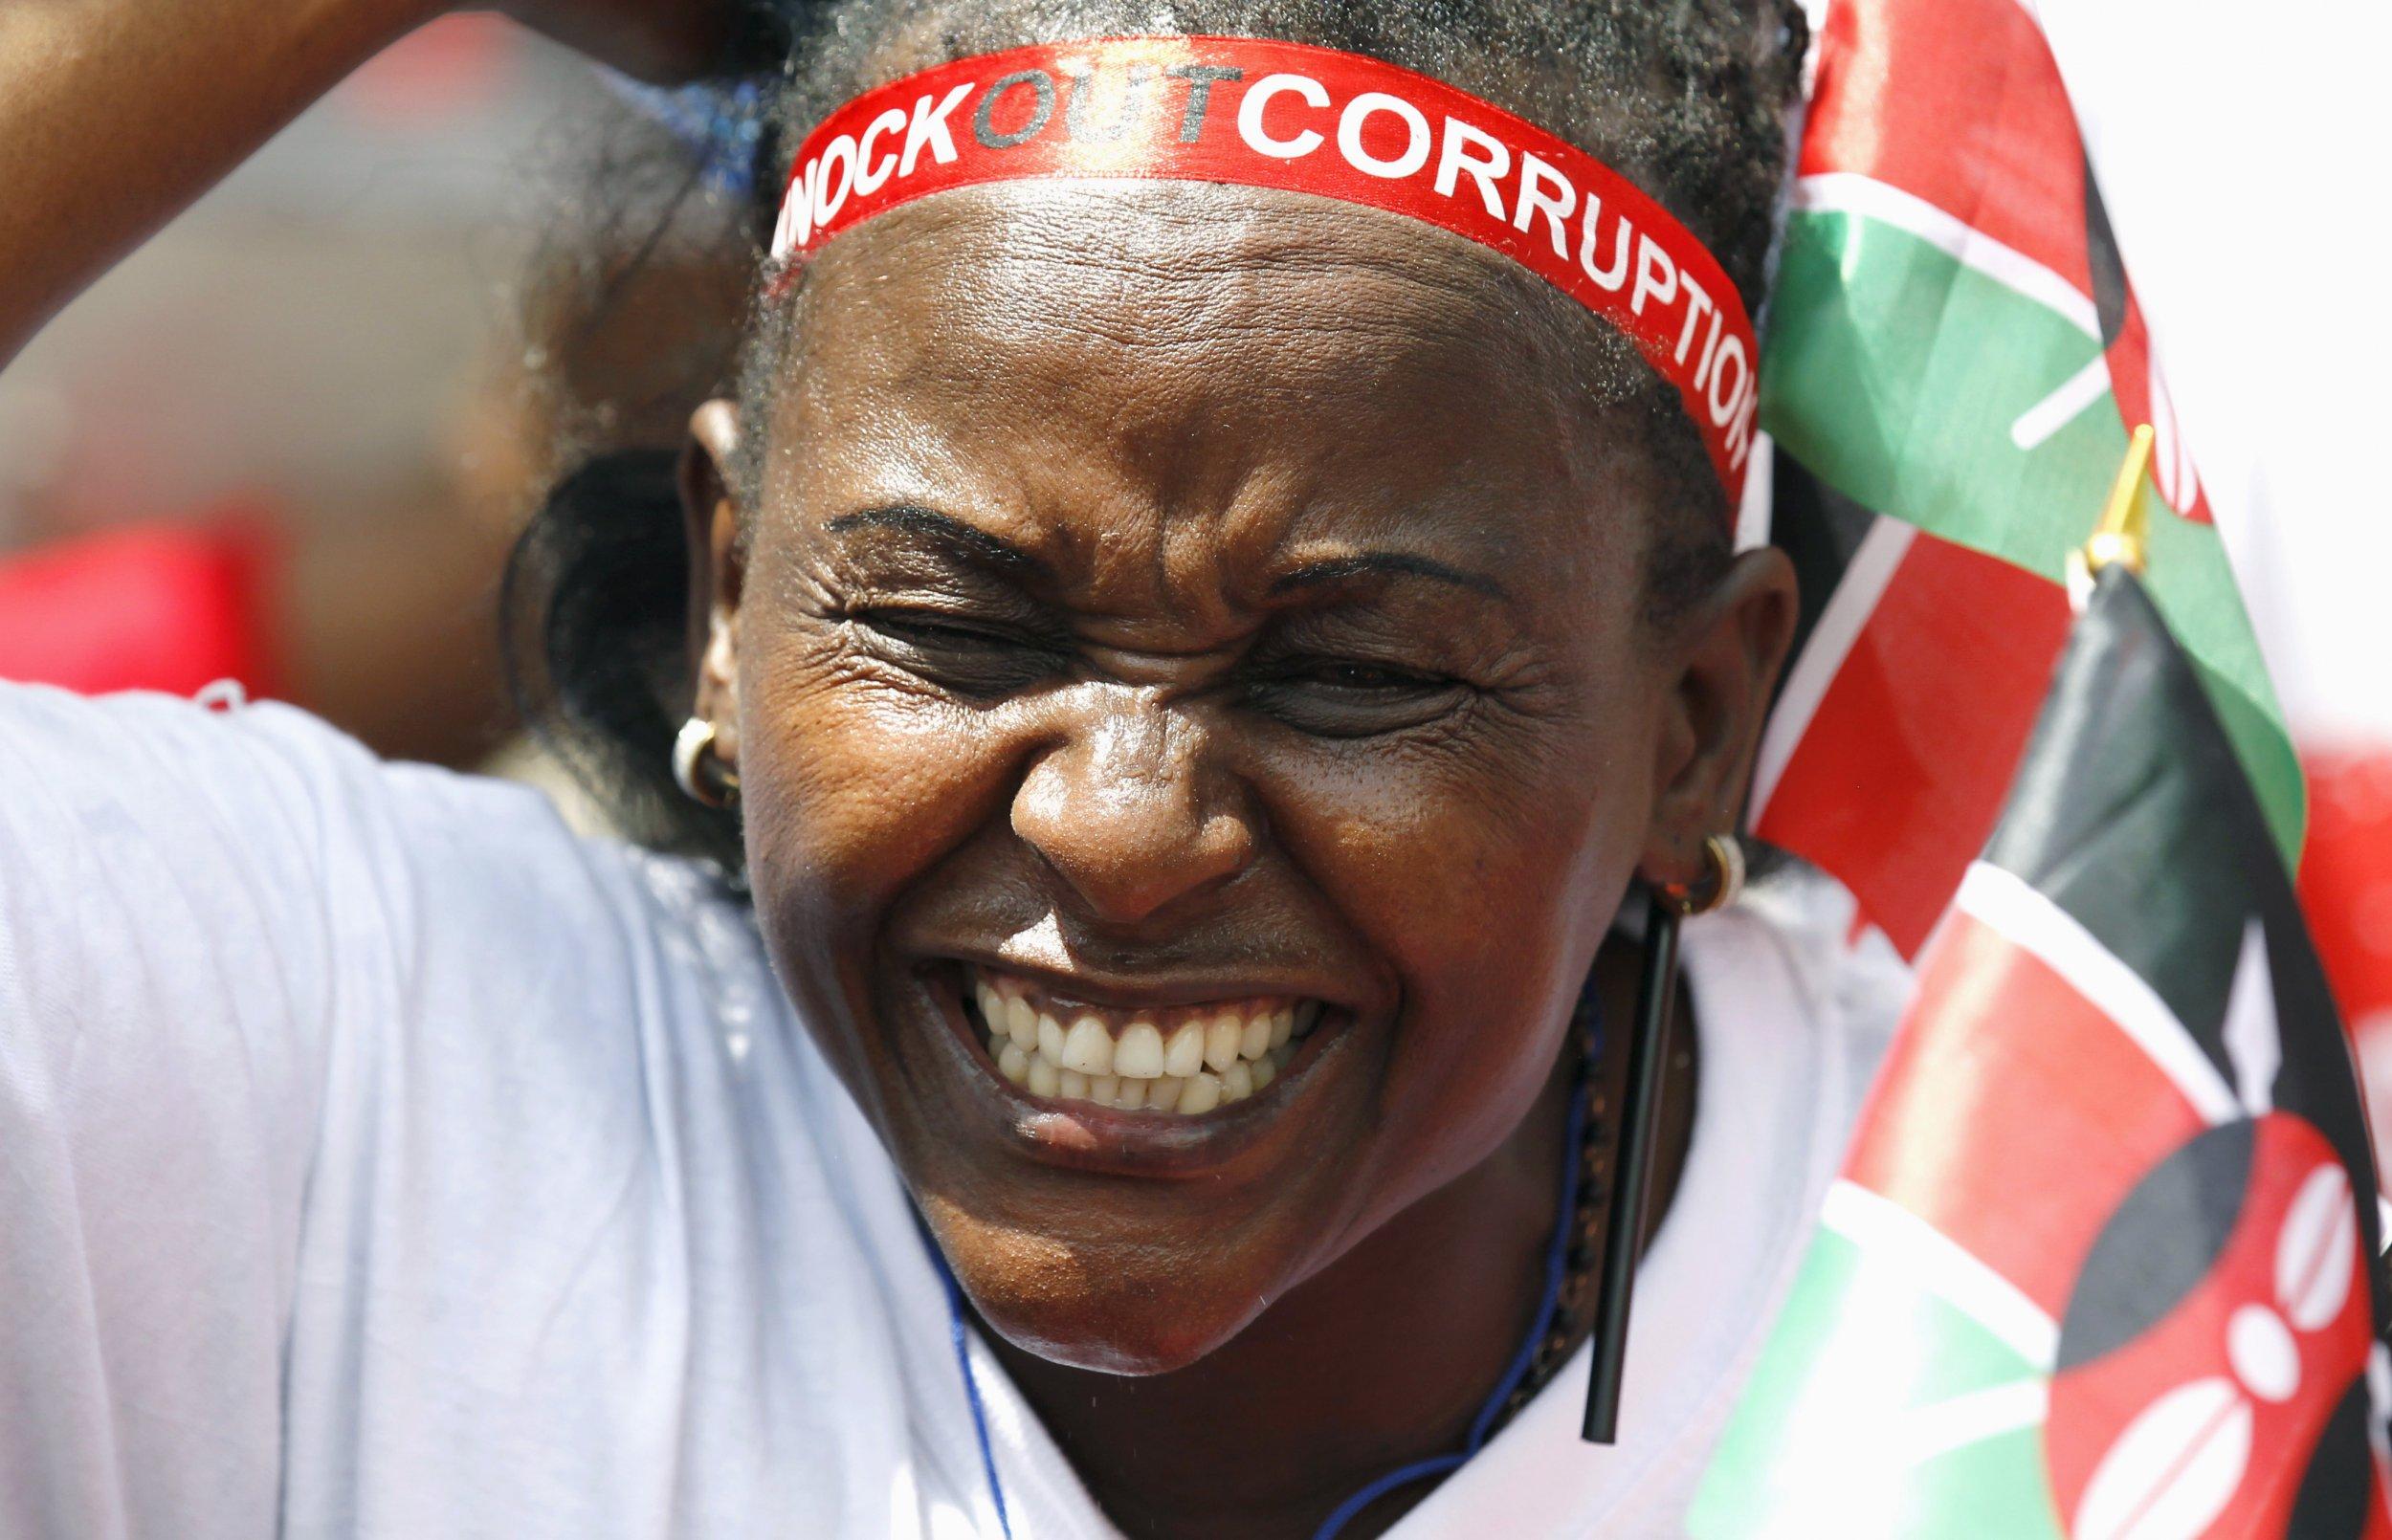 1204_Kenya corruption protest